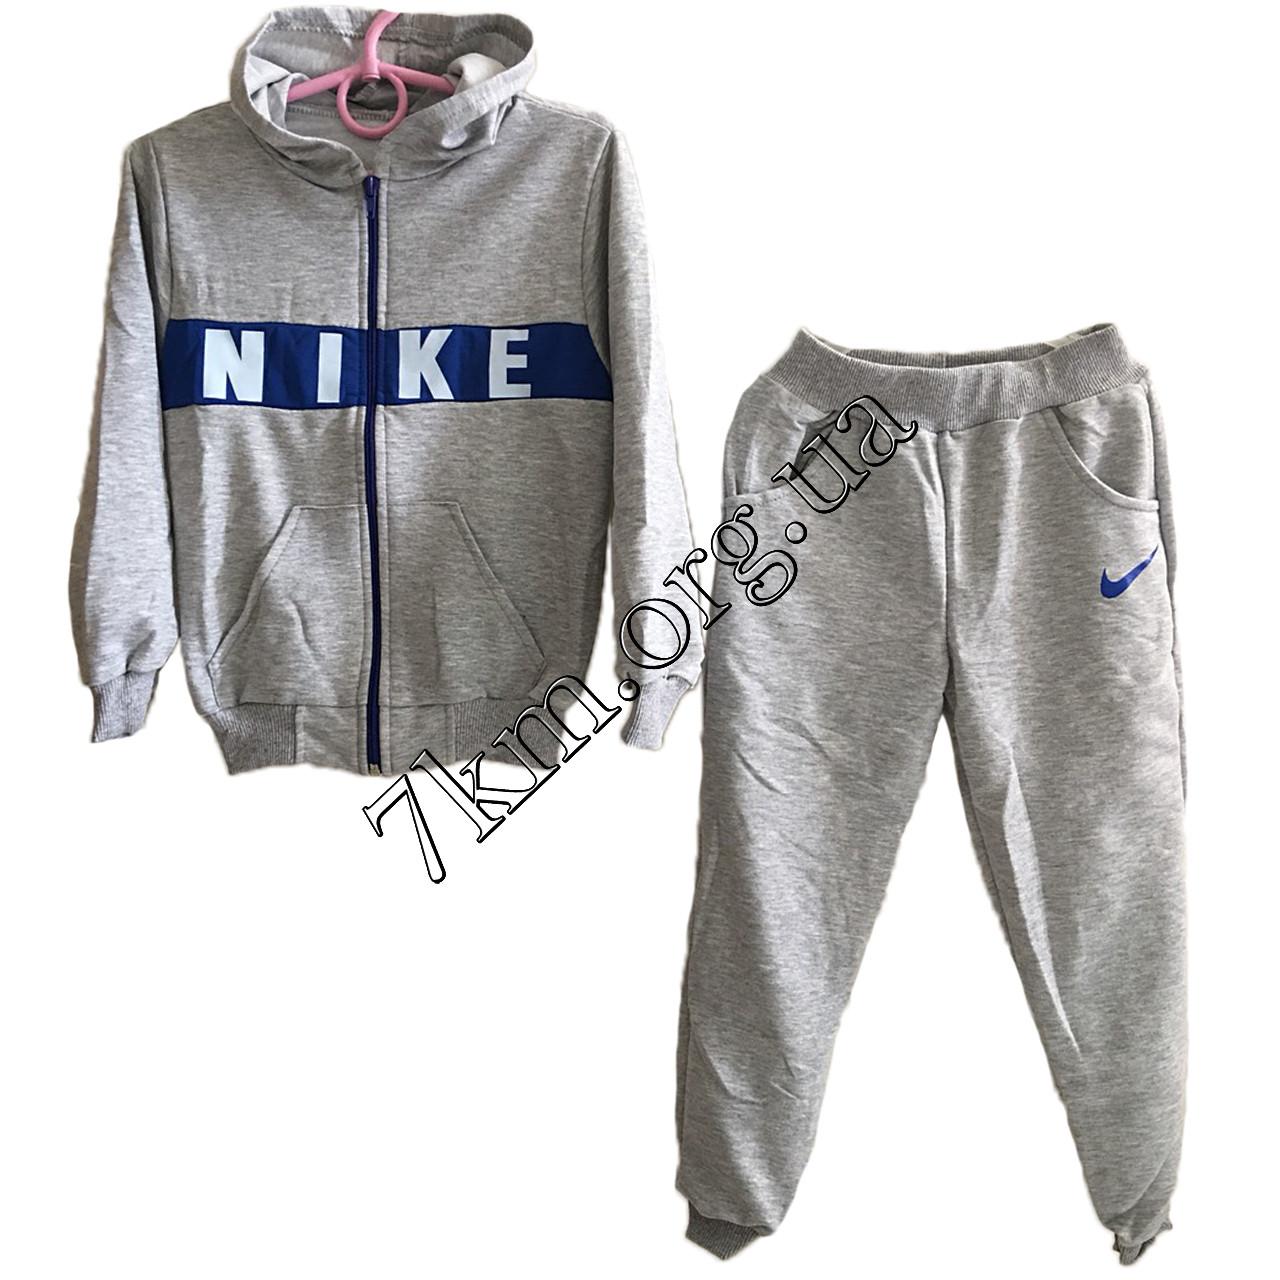 03370906 Спортивный костюм детский для мальчиков реплика